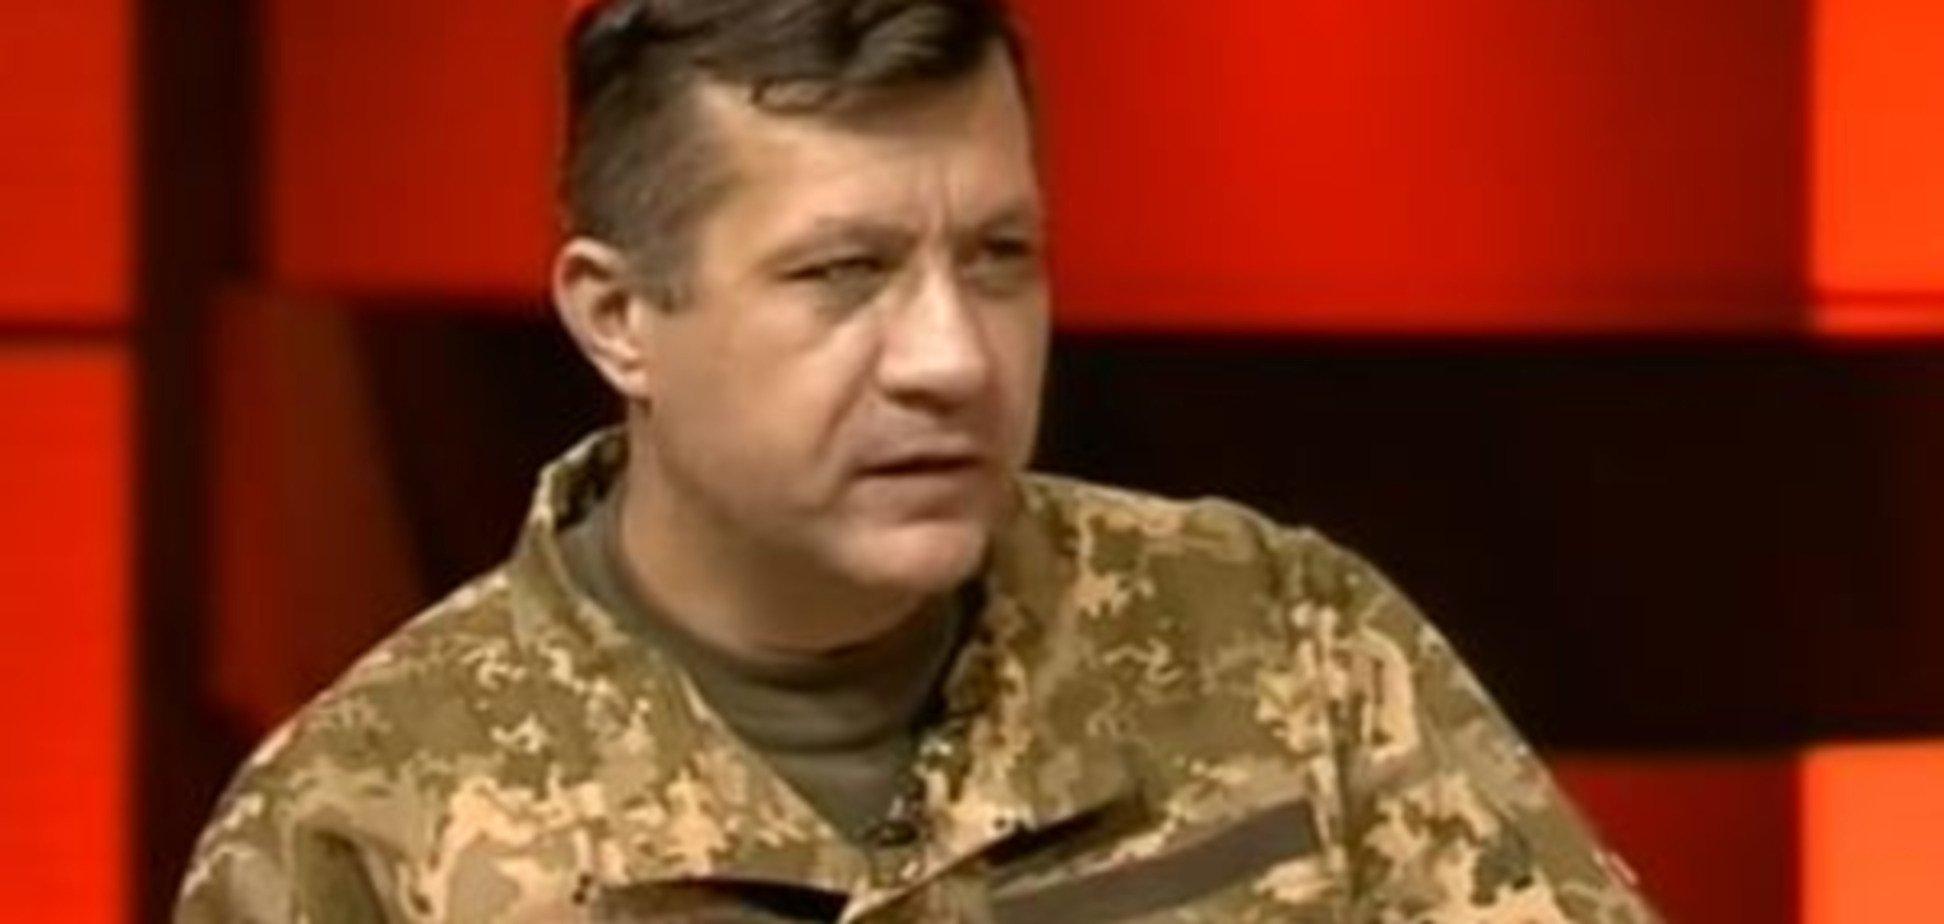 Хотіли викачати кров і дробили пальці: кіборг розповів, як пережив пекло в полоні 'ДНР'